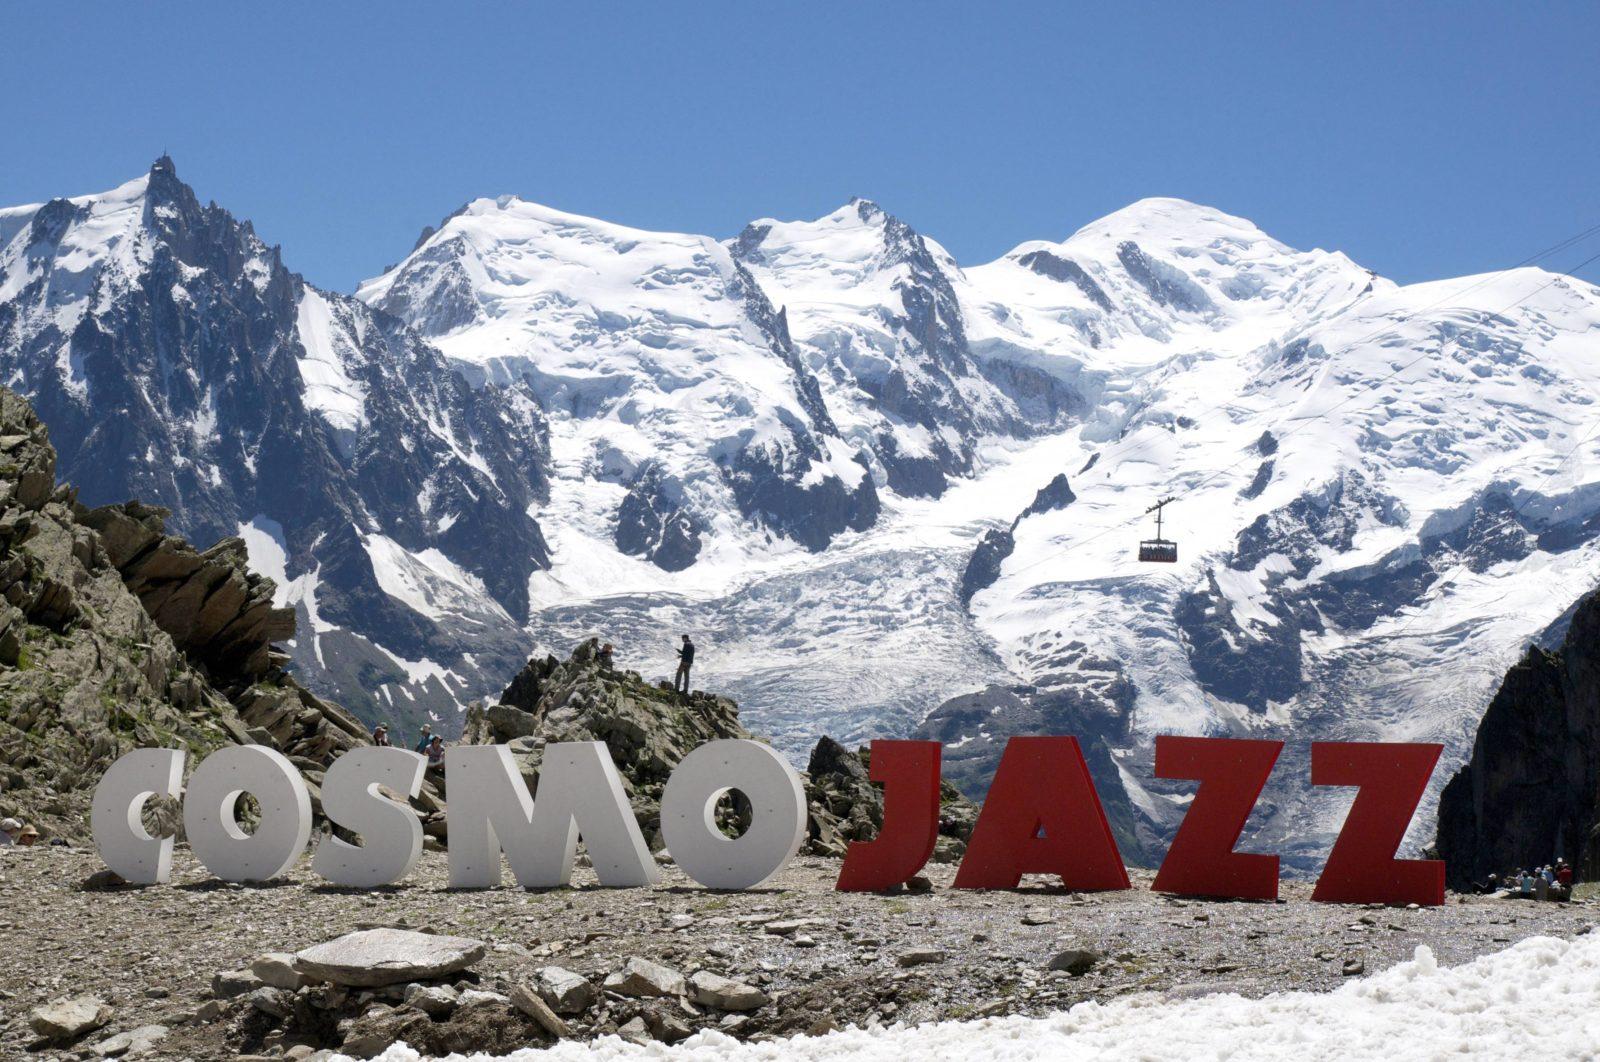 Chamonix cosmojazz